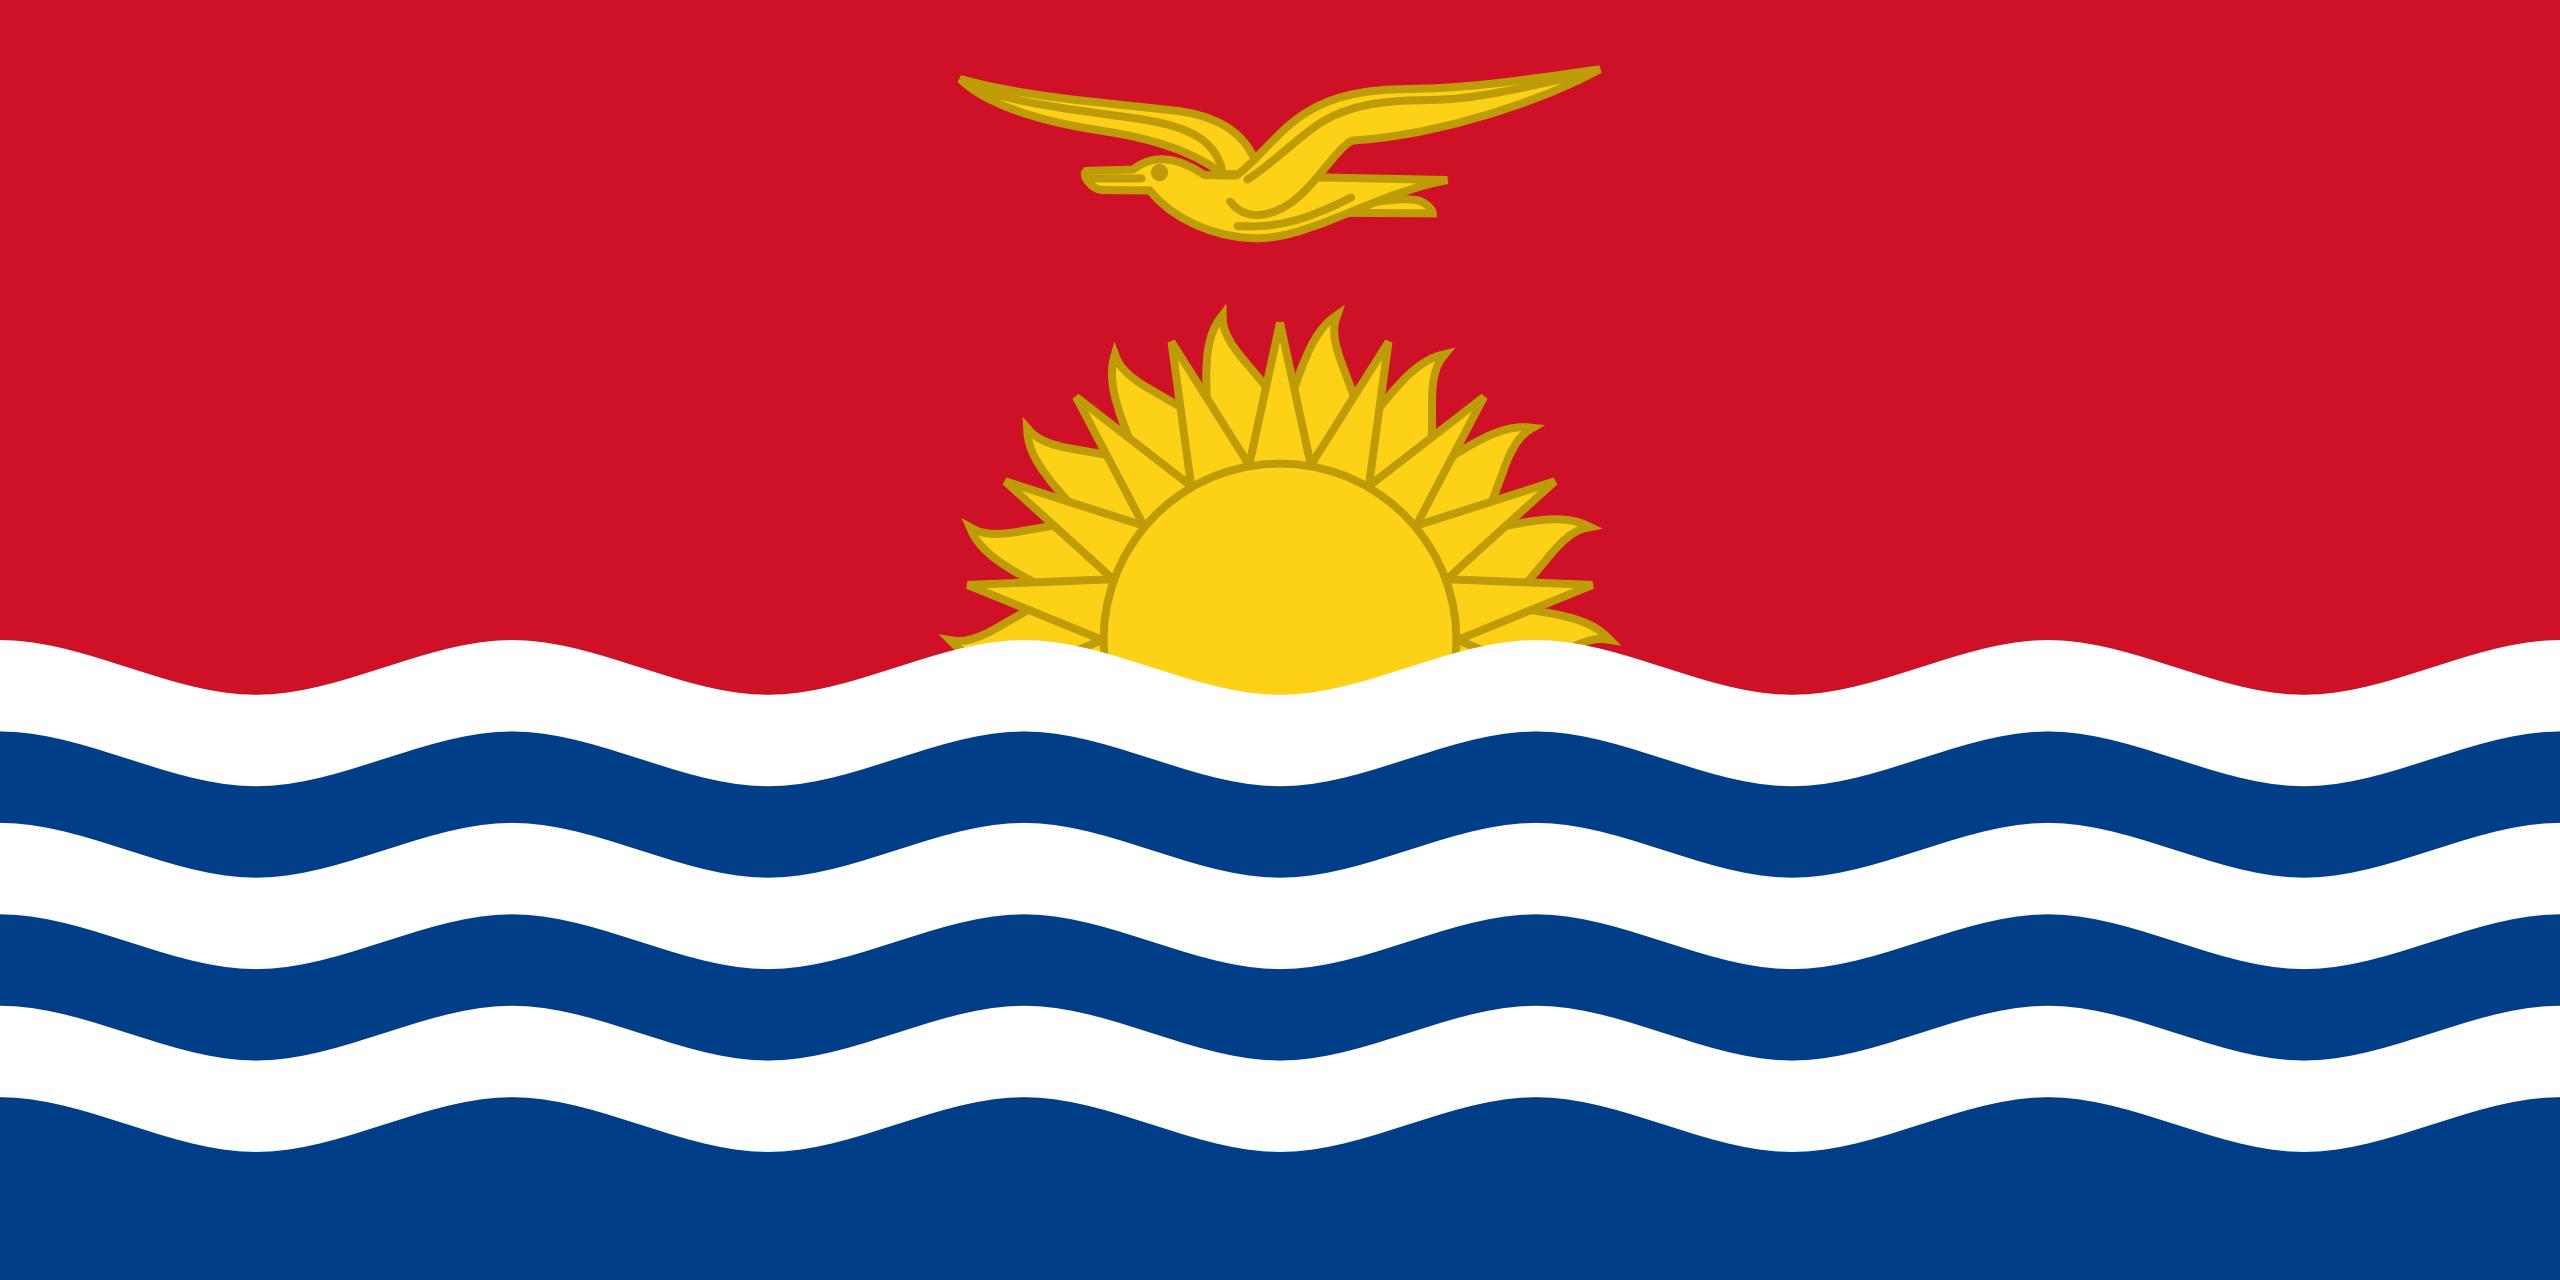 Kiribati'nın Başkenti ve Para Birimi Nedir? Kiribati'nın Bayrağı Nasıldır?